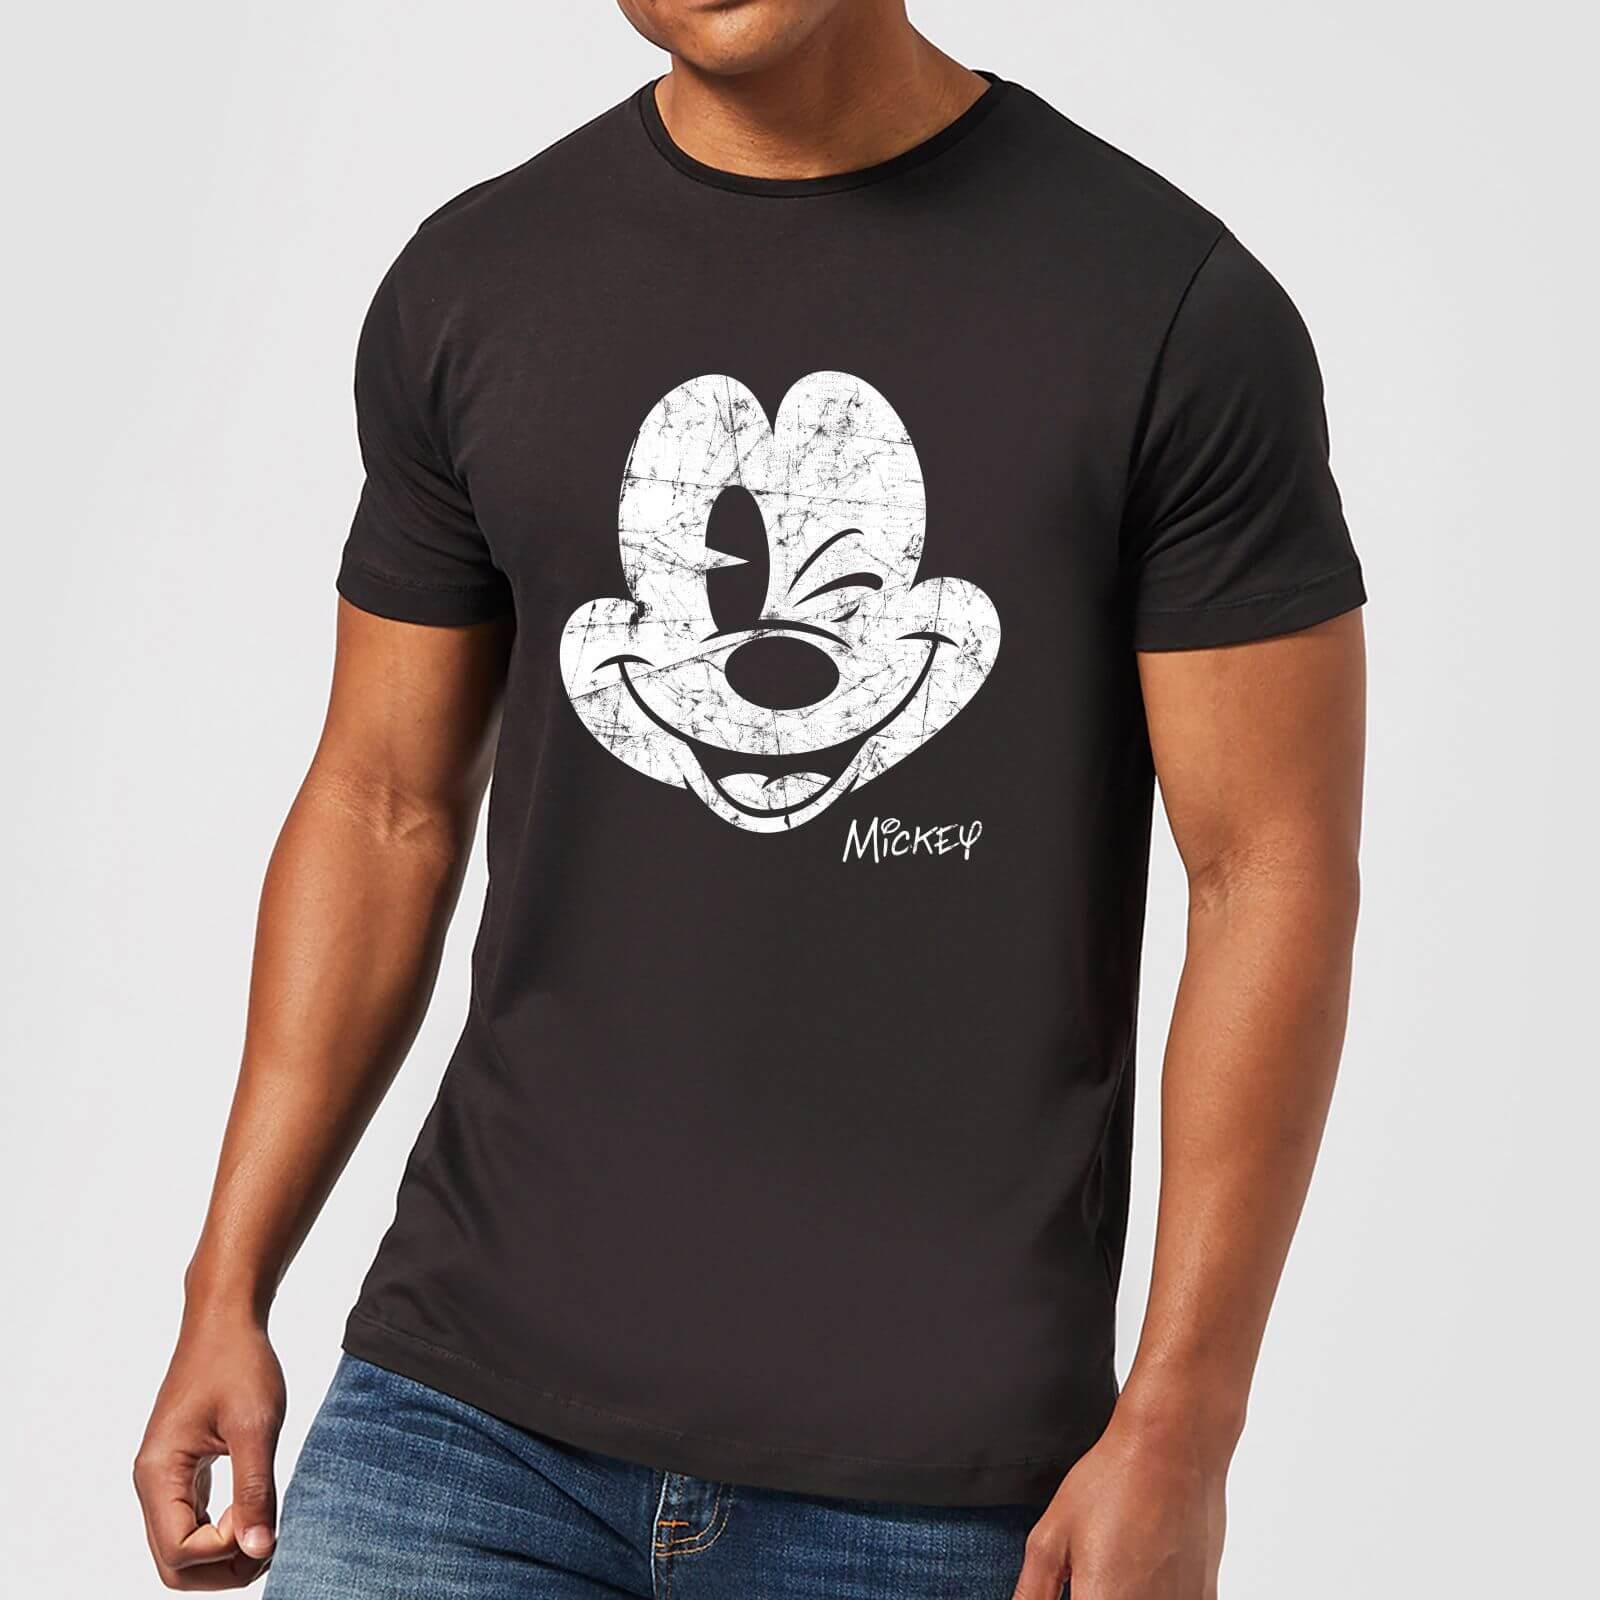 30% Rabatt Disney Kleidung (T-Shirts, Sweatshirts & Hoodies für Damen, Herren und Kinder) + gratis Versand